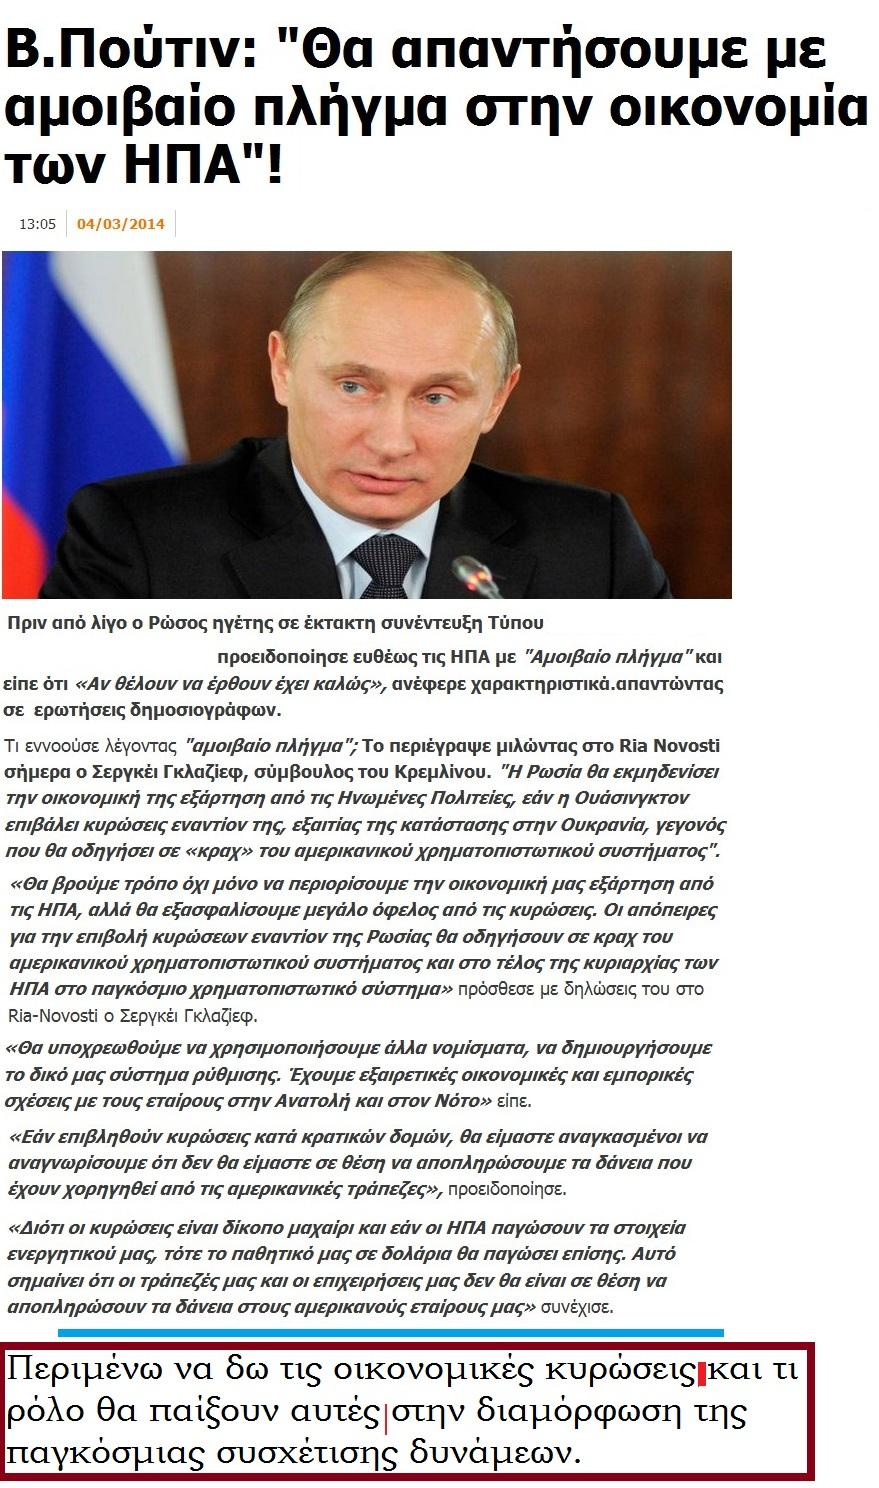 UKRAINE CIRISI - RUSSIA PUTIN - ECONOMY 01 050314 (2)